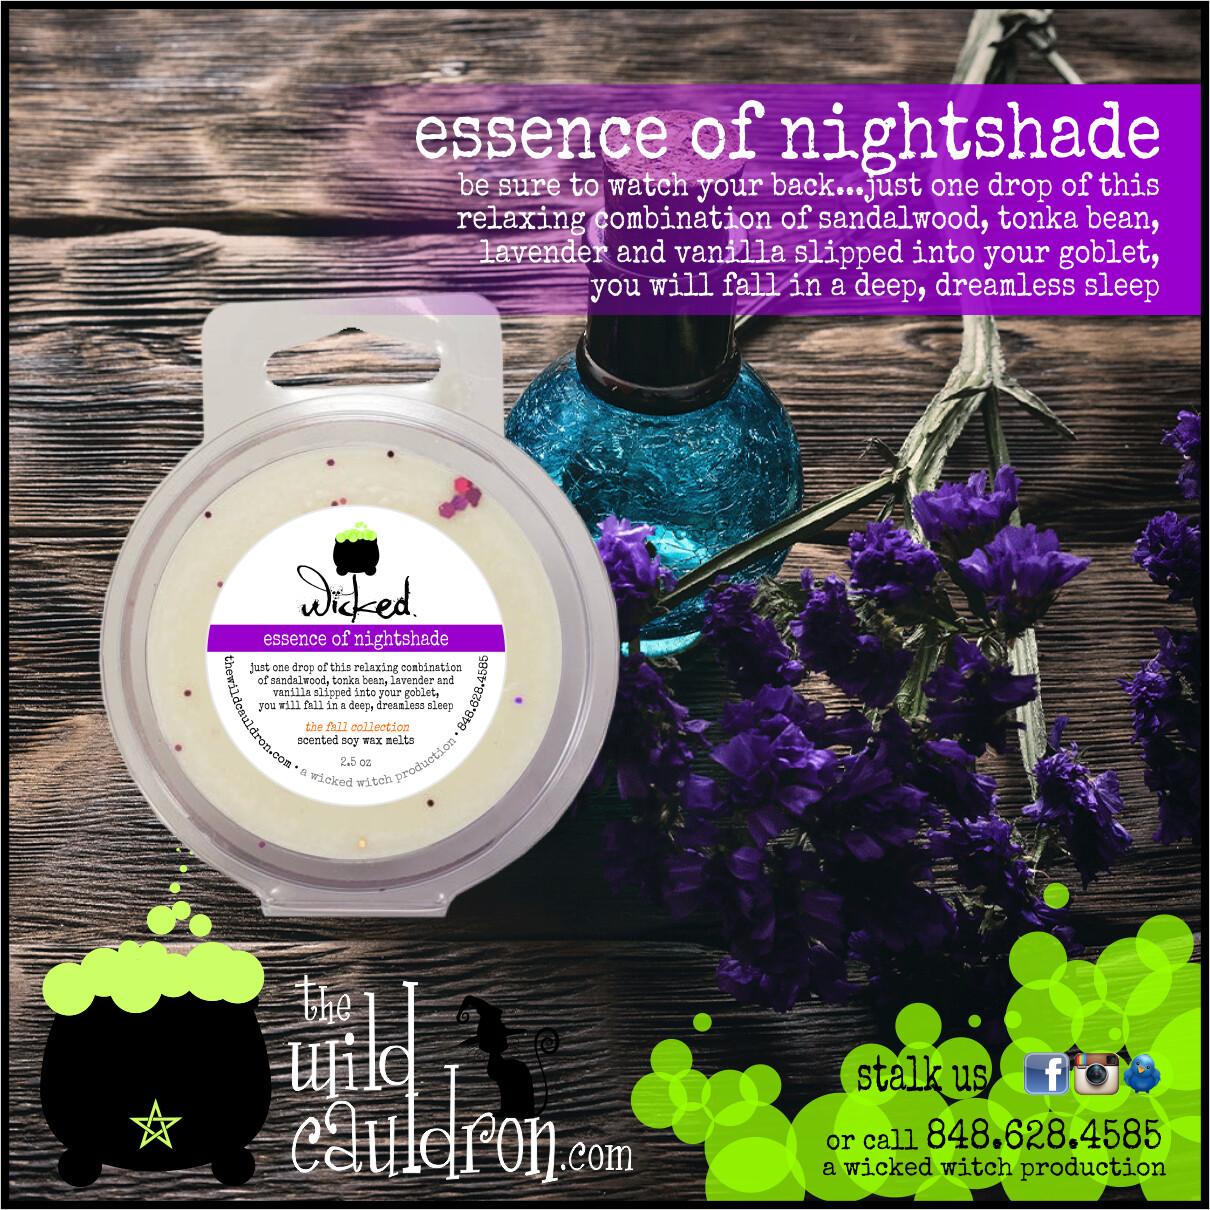 Essence of Nightshade